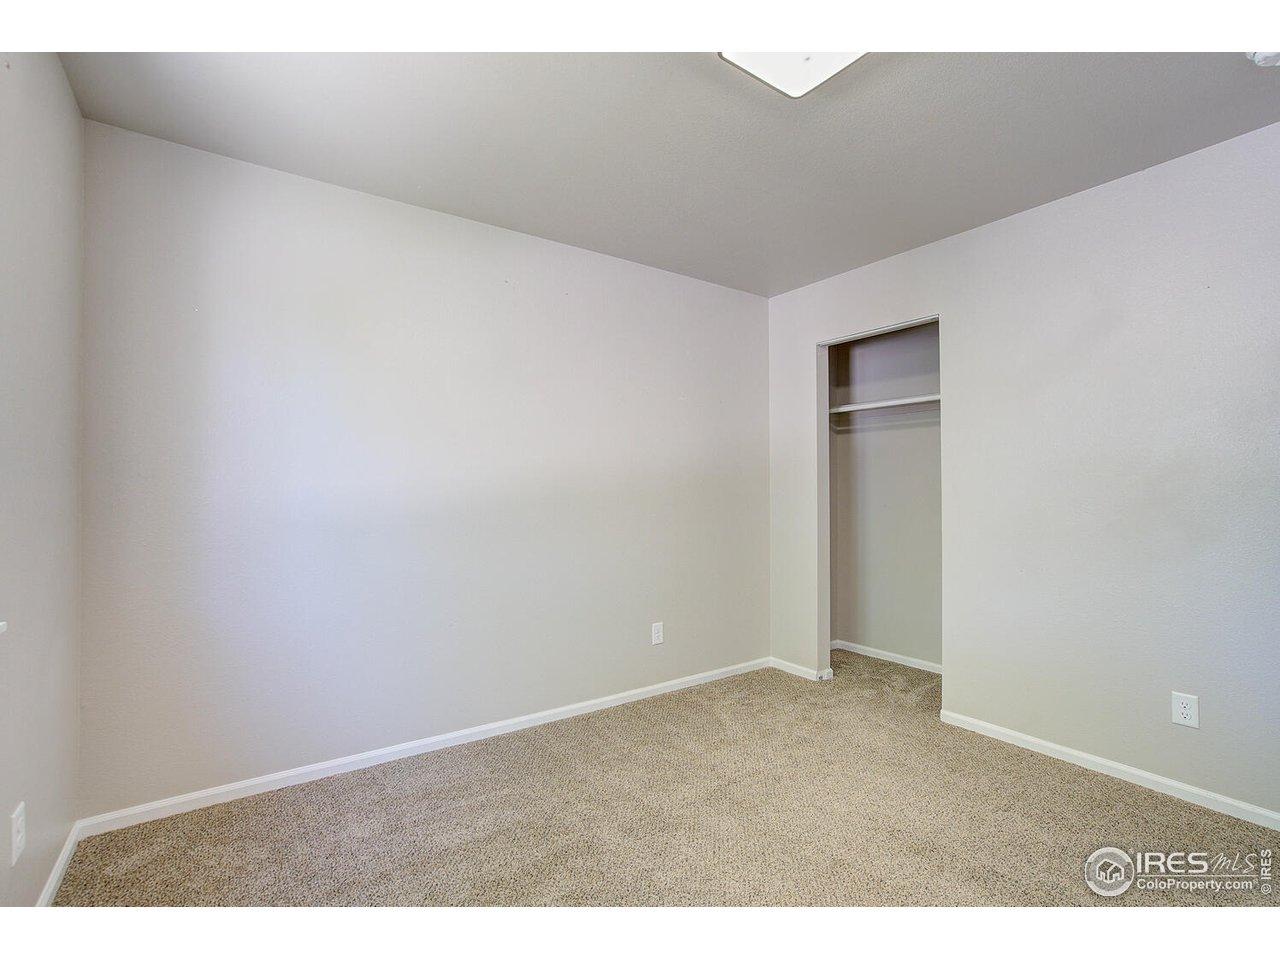 11 x 10 Bedroom 2